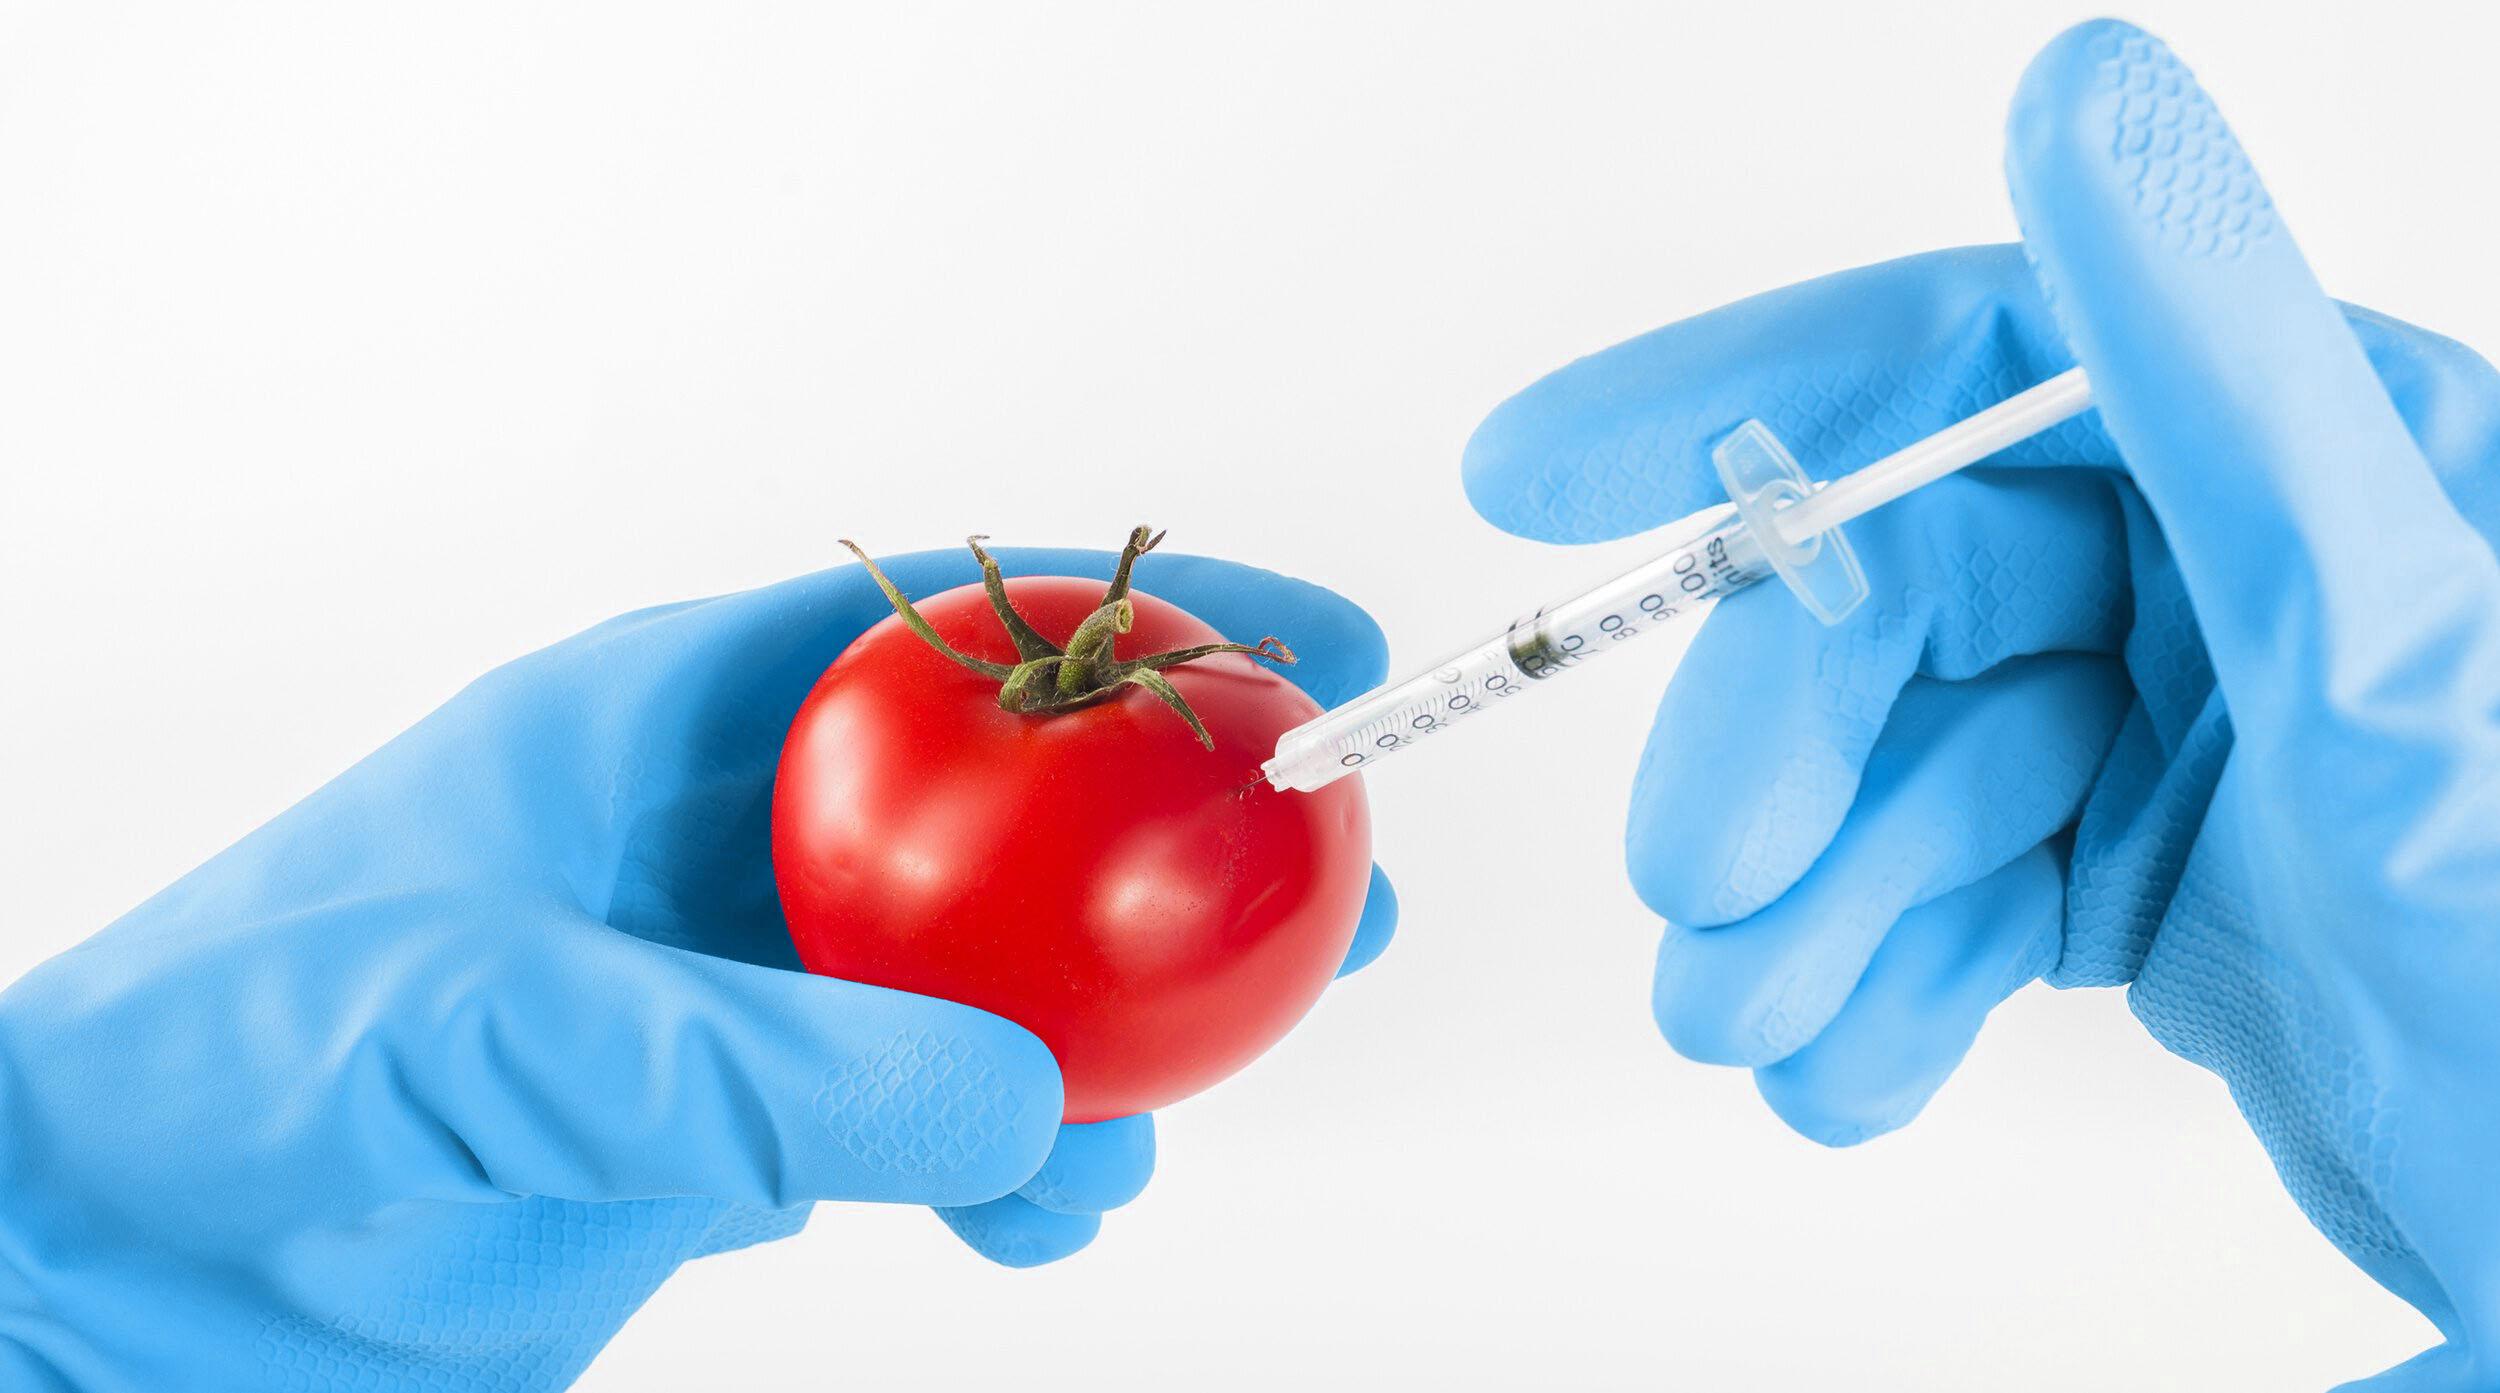 Mezi aditiva patří zvýrazňovače chuti